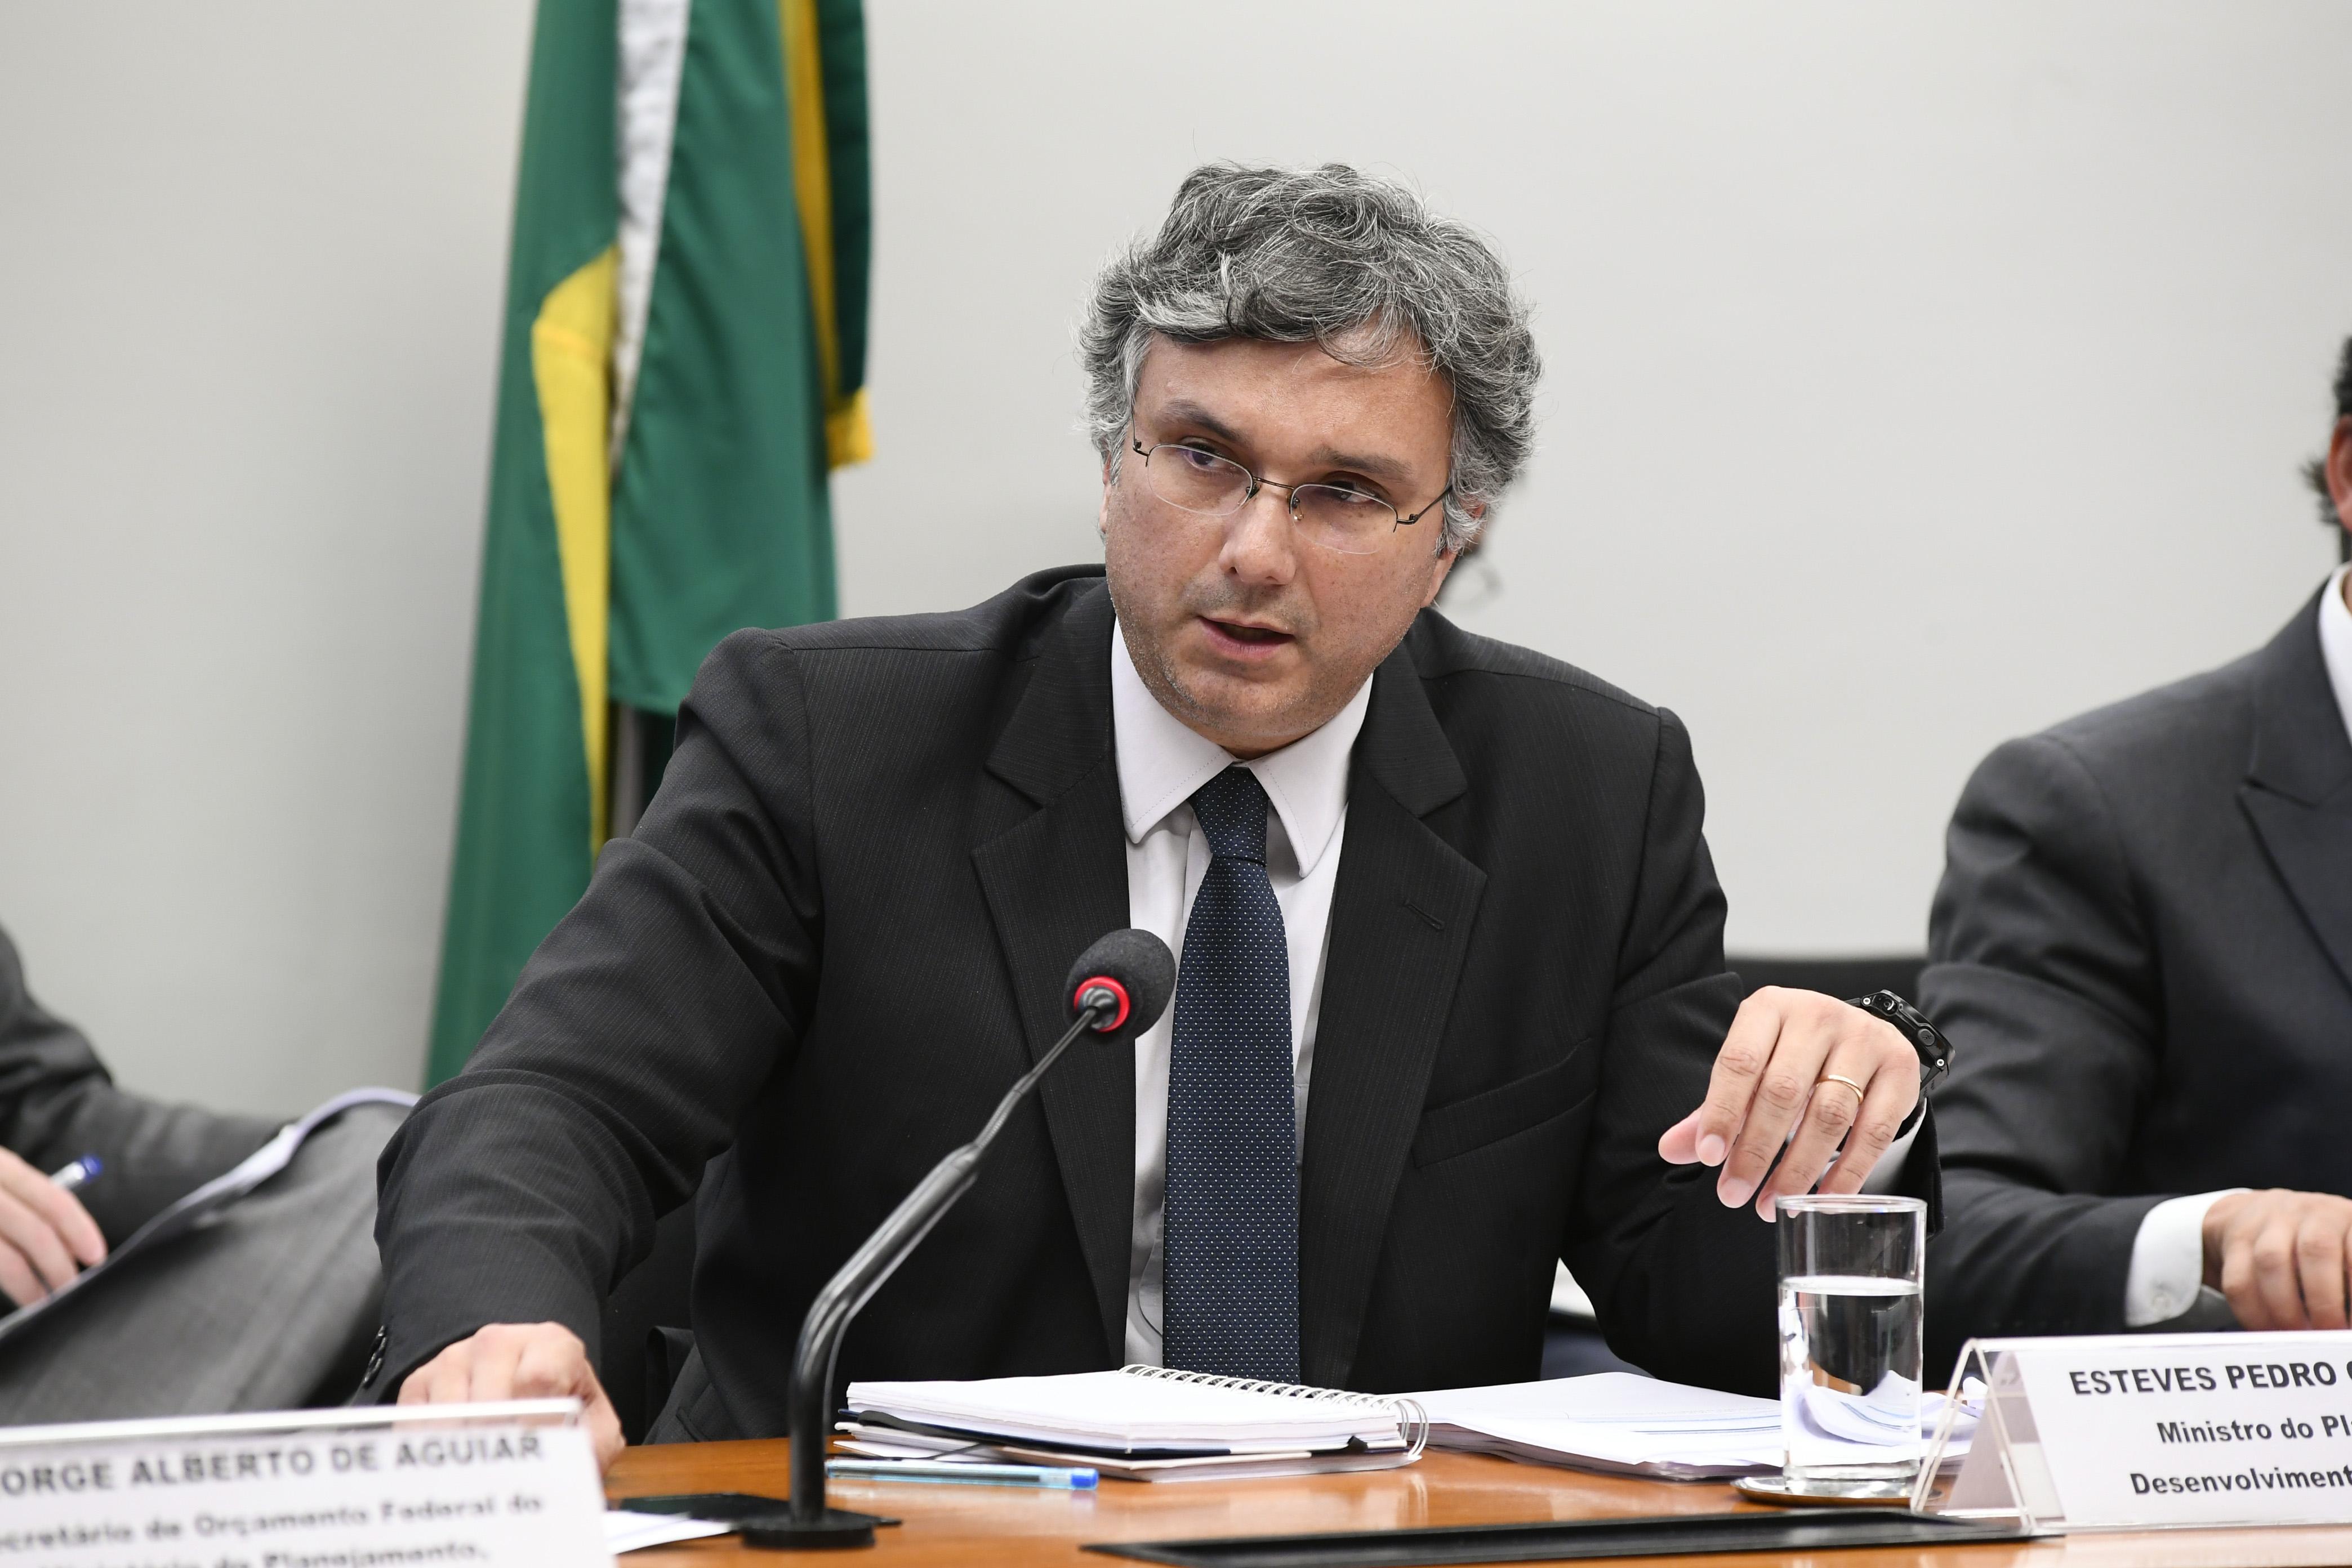 Juiz põe no banco dos réus assessor de Guedes e mais 28 ex-executivos de fundos de pensão por rombo de R$ 5,5 bi